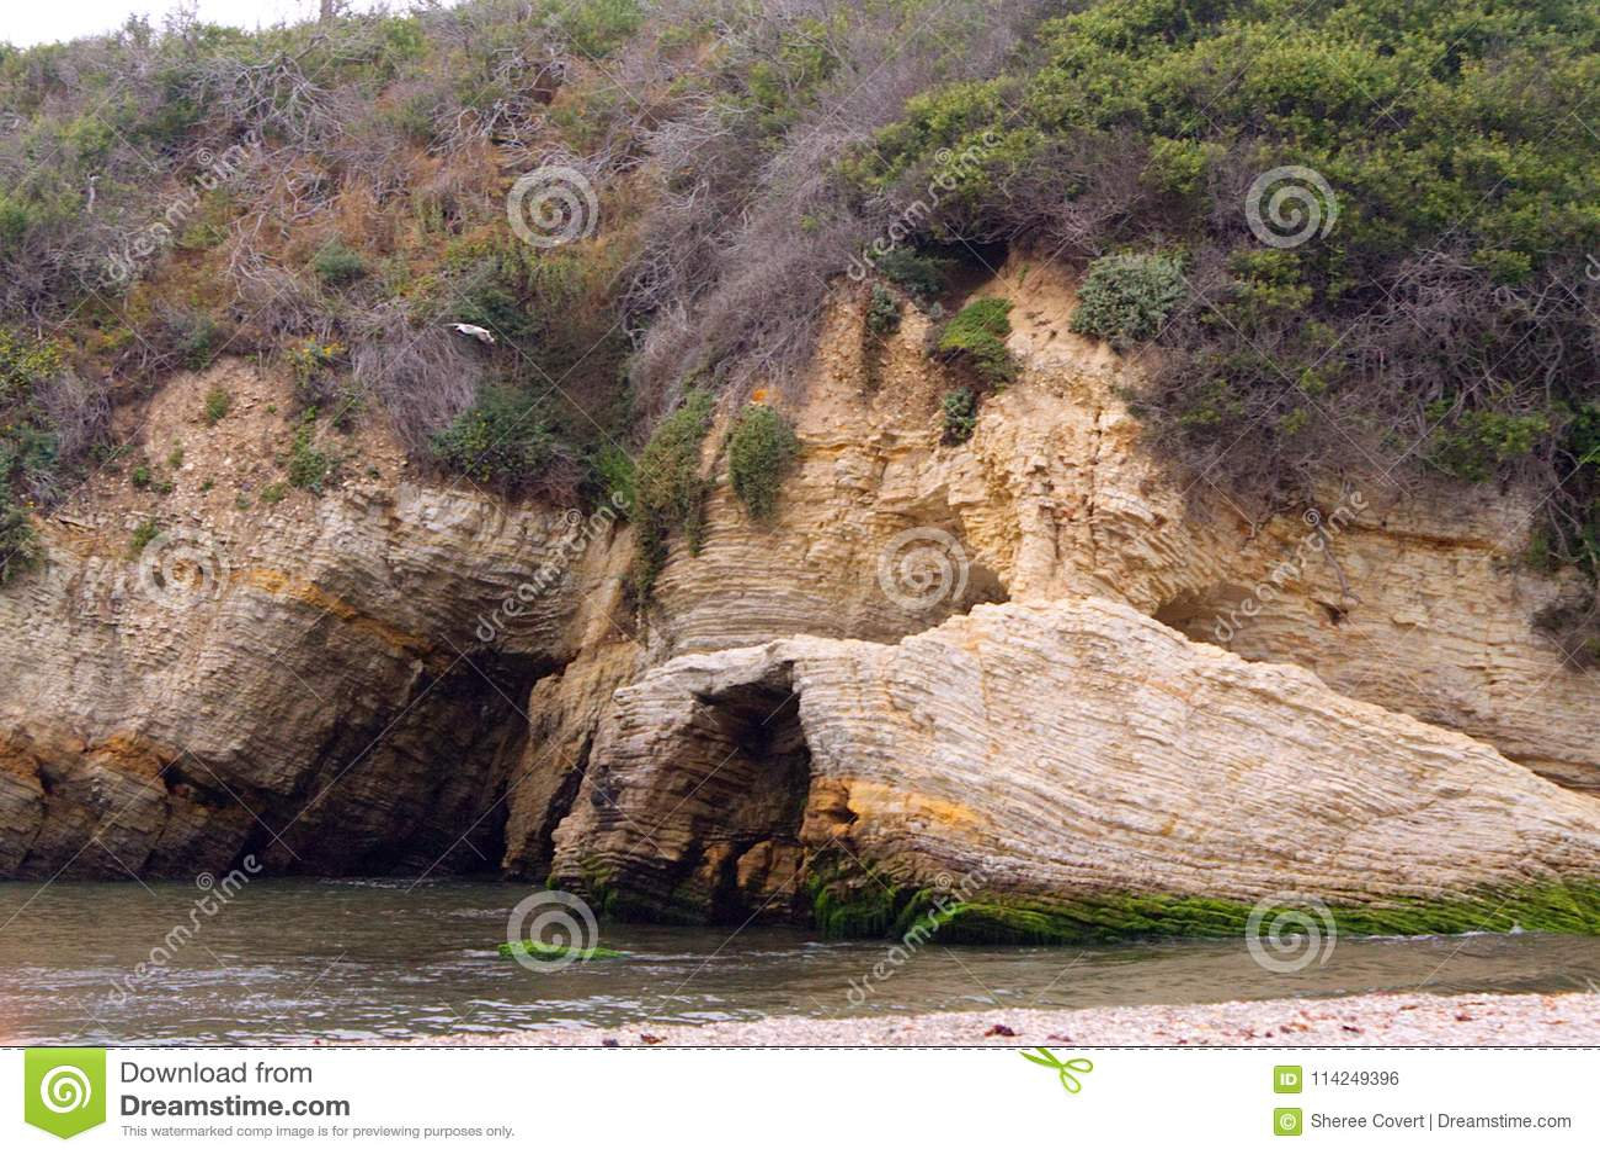 Zeemeeuw, Geologische Klippen, Strand, en Oceaan